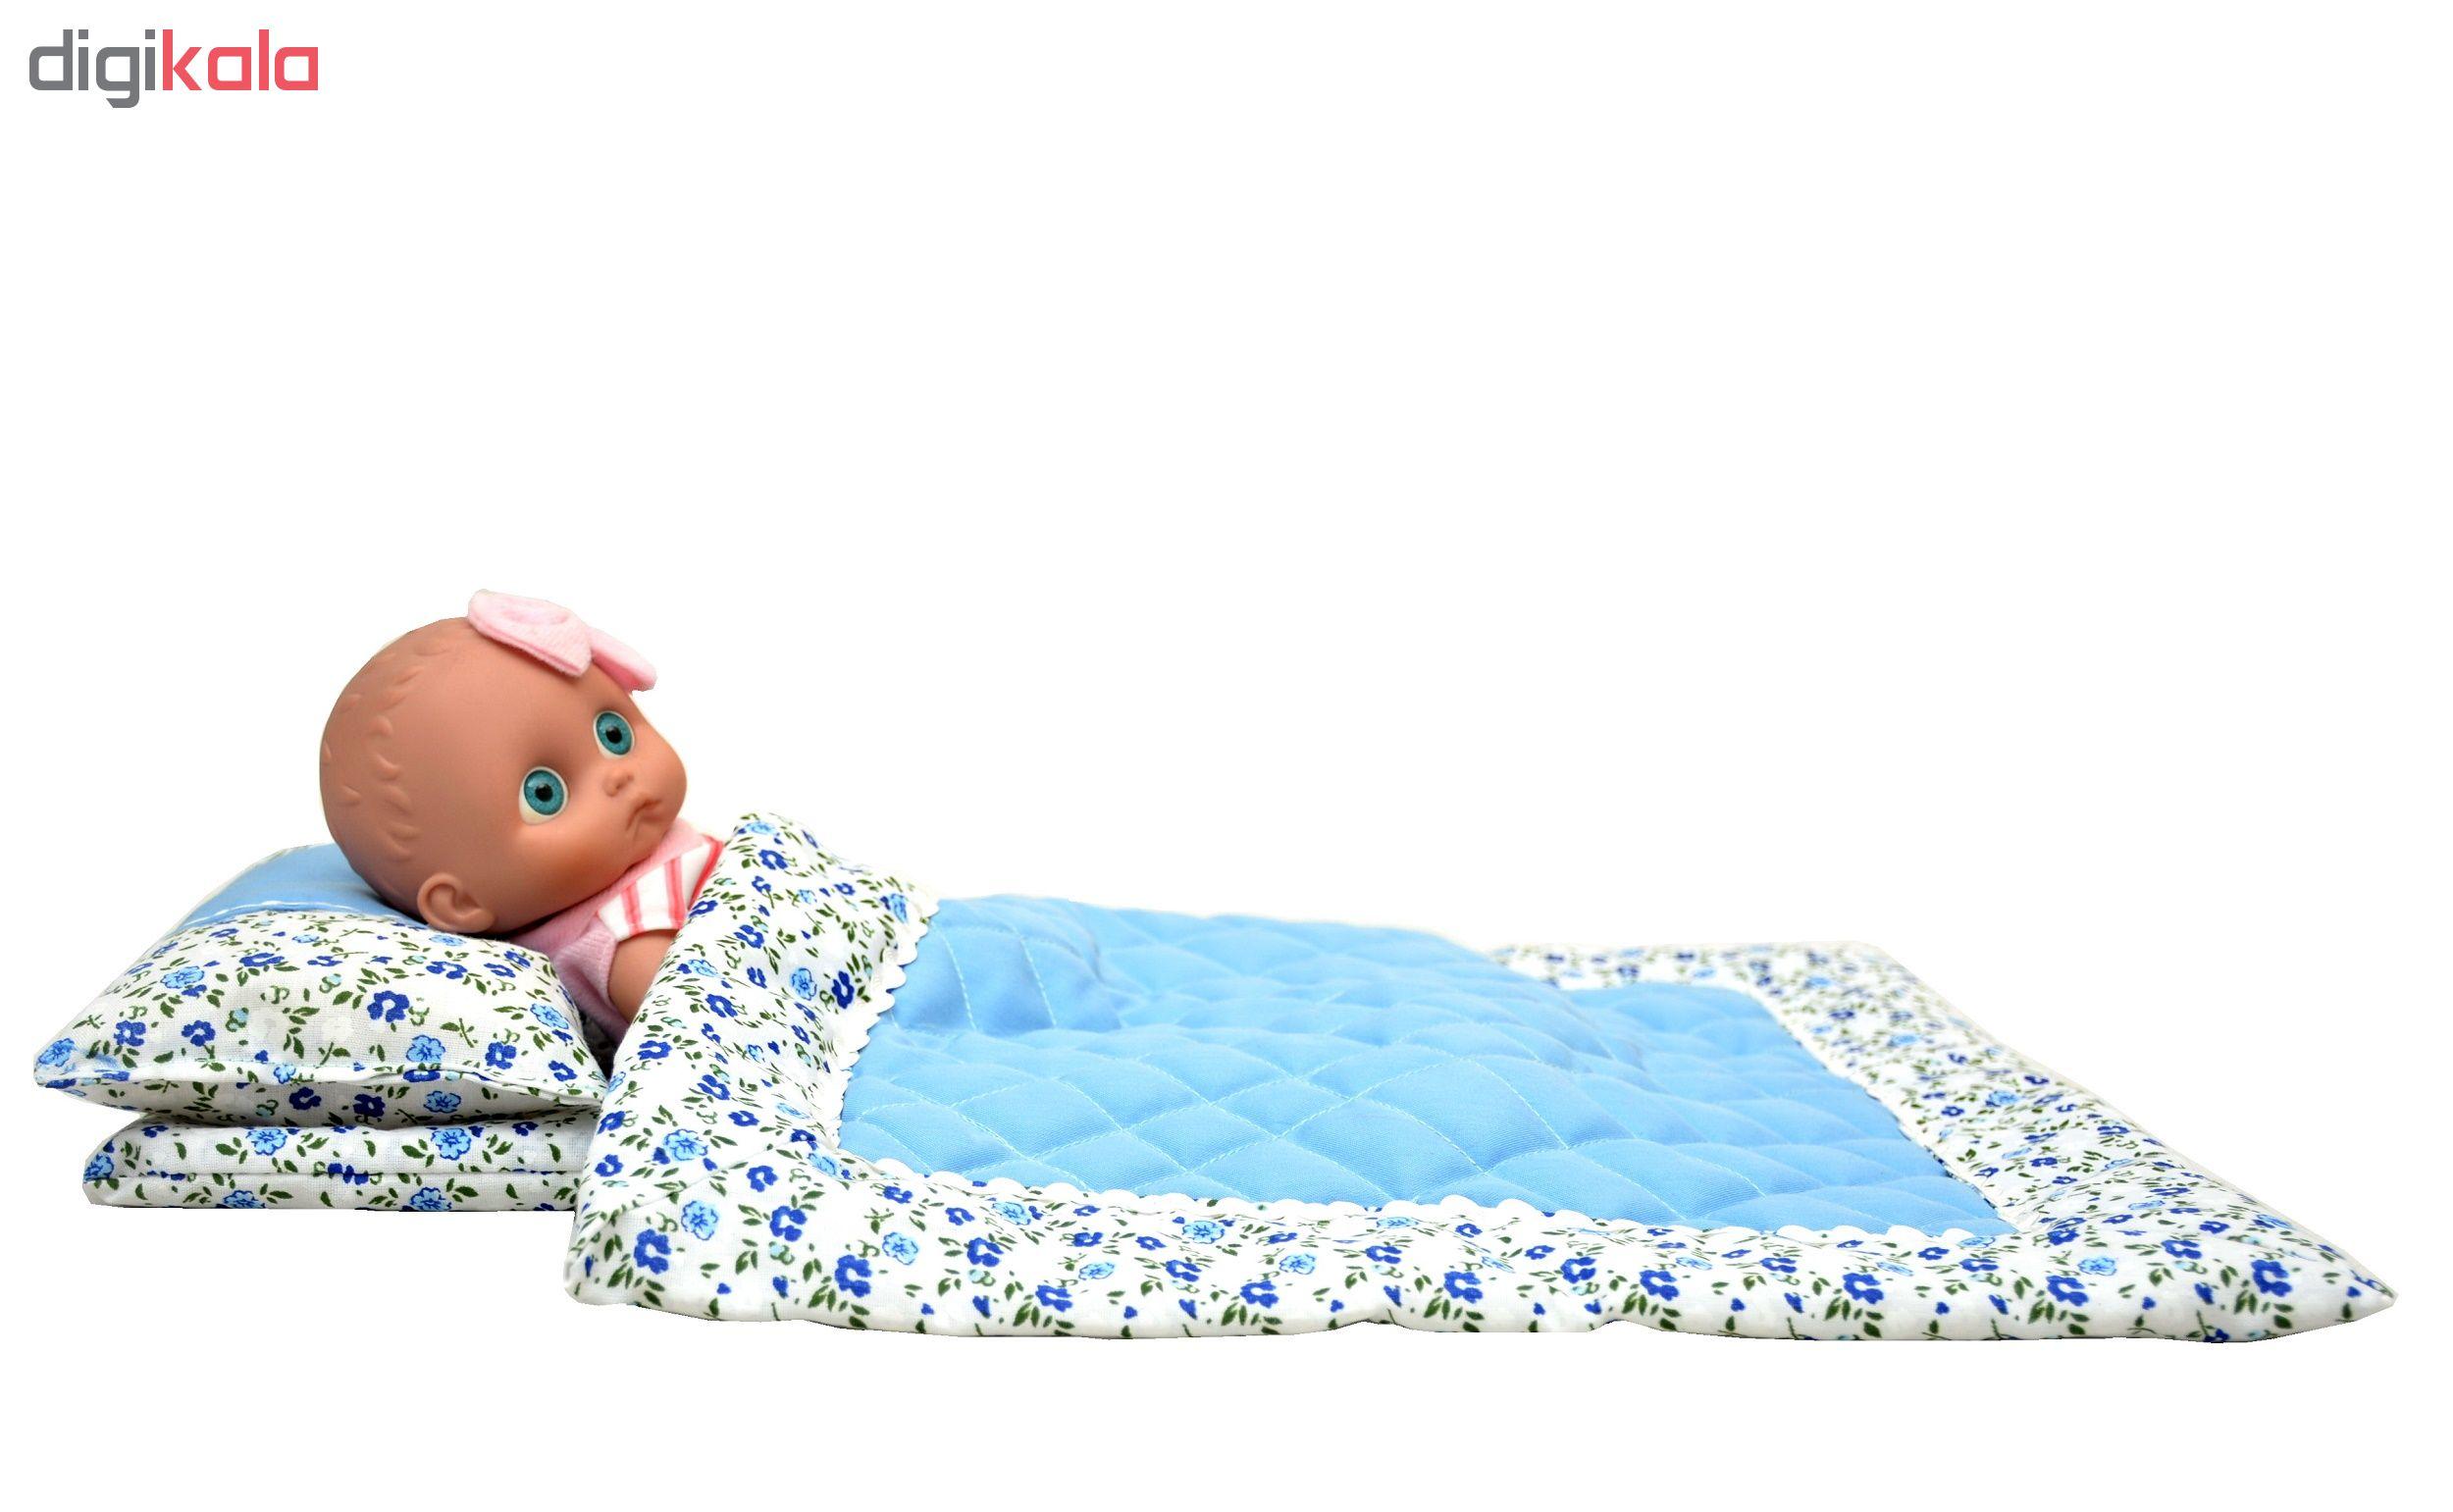 سرویس خواب عروسک دستان مدل نی نی لالا مجموعه 3 عددی